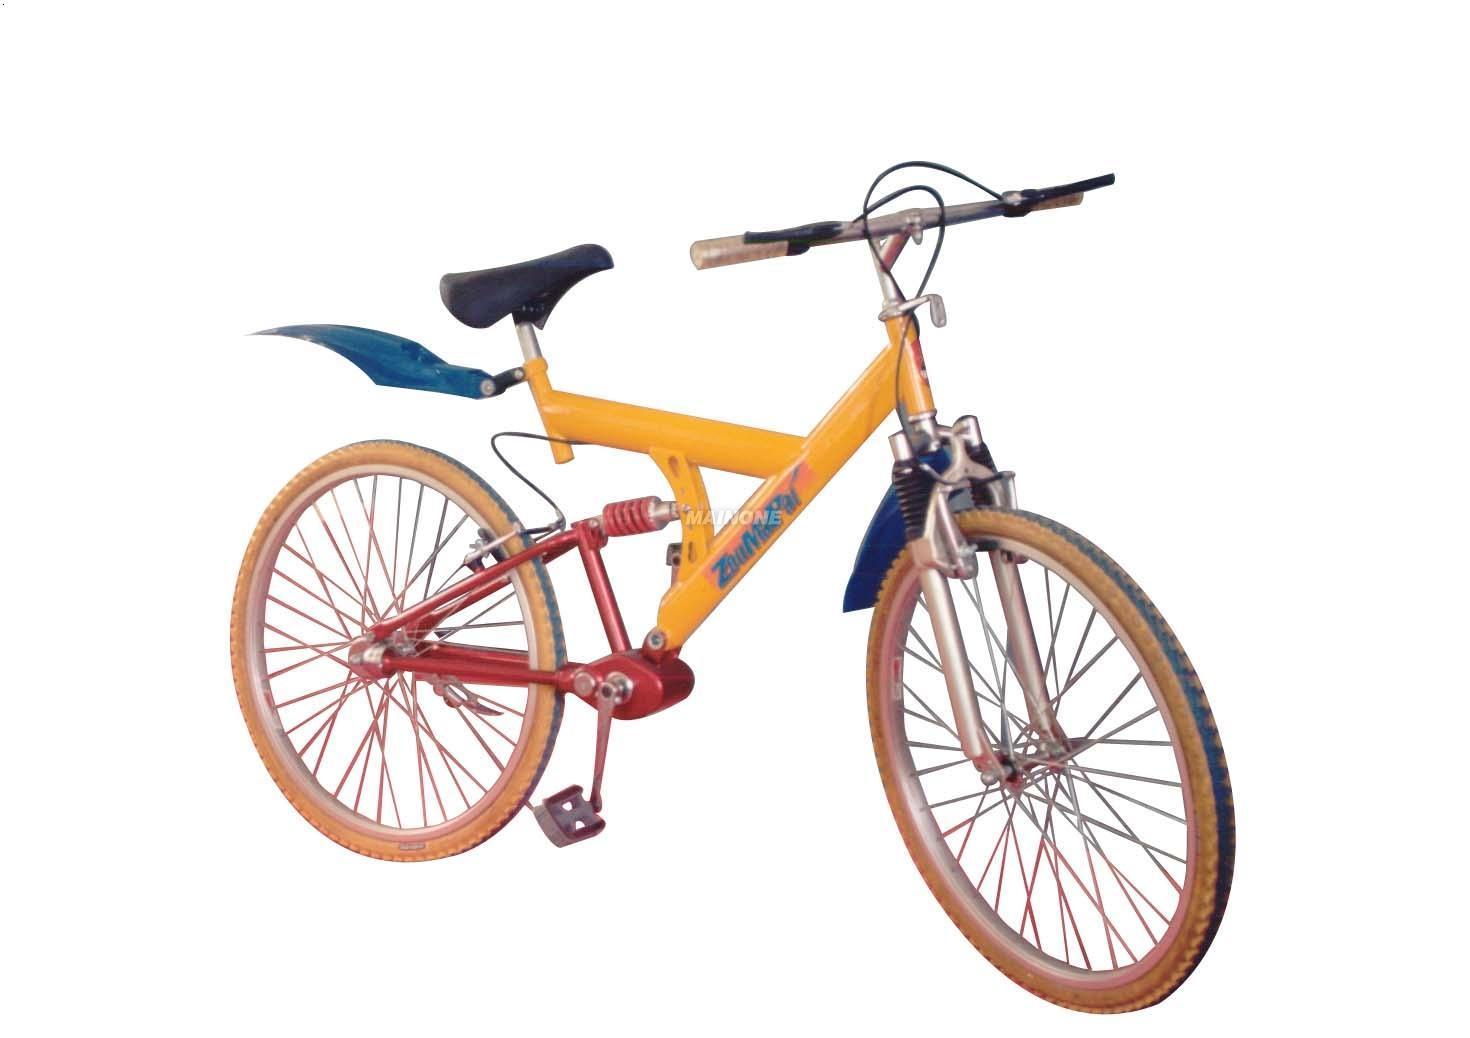 想设计一个无链自行车,用齿轮达到变速的结构如何办图片